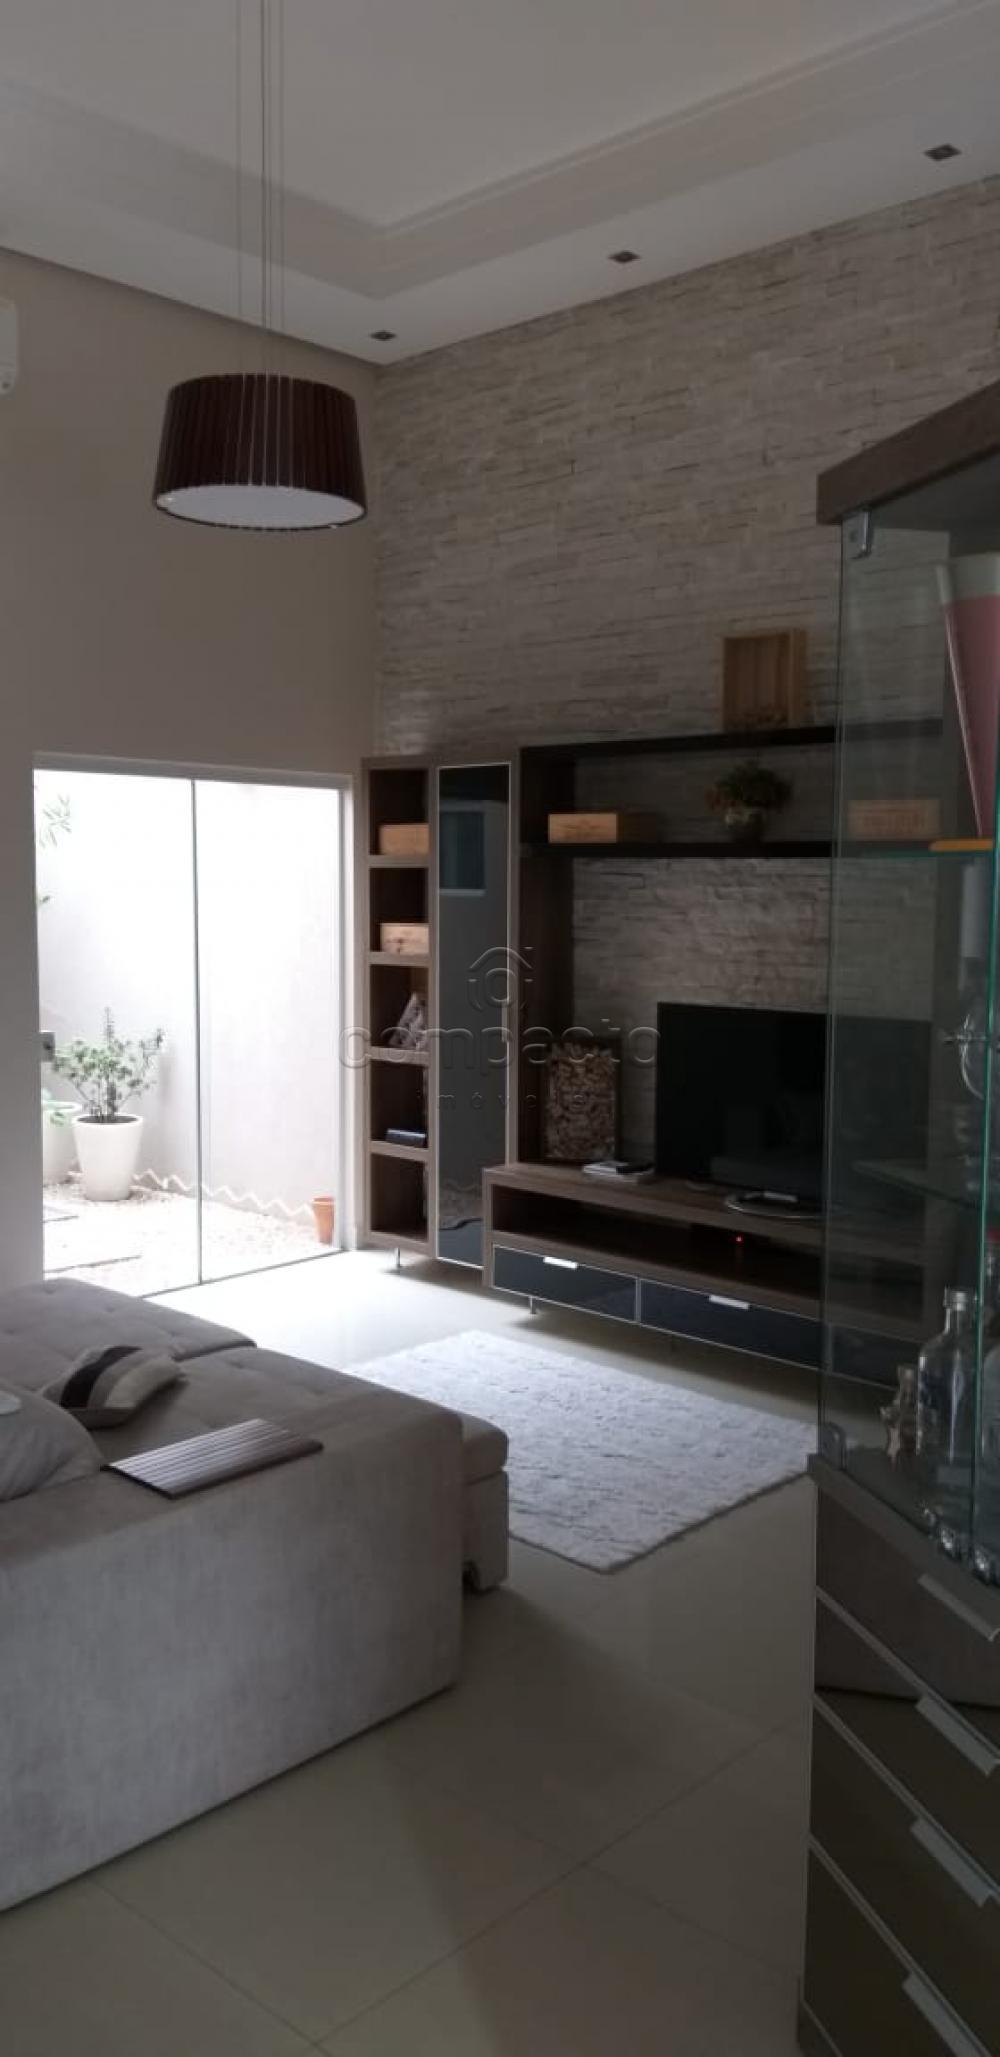 Comprar Casa / Condomínio em São José do Rio Preto apenas R$ 900.000,00 - Foto 5